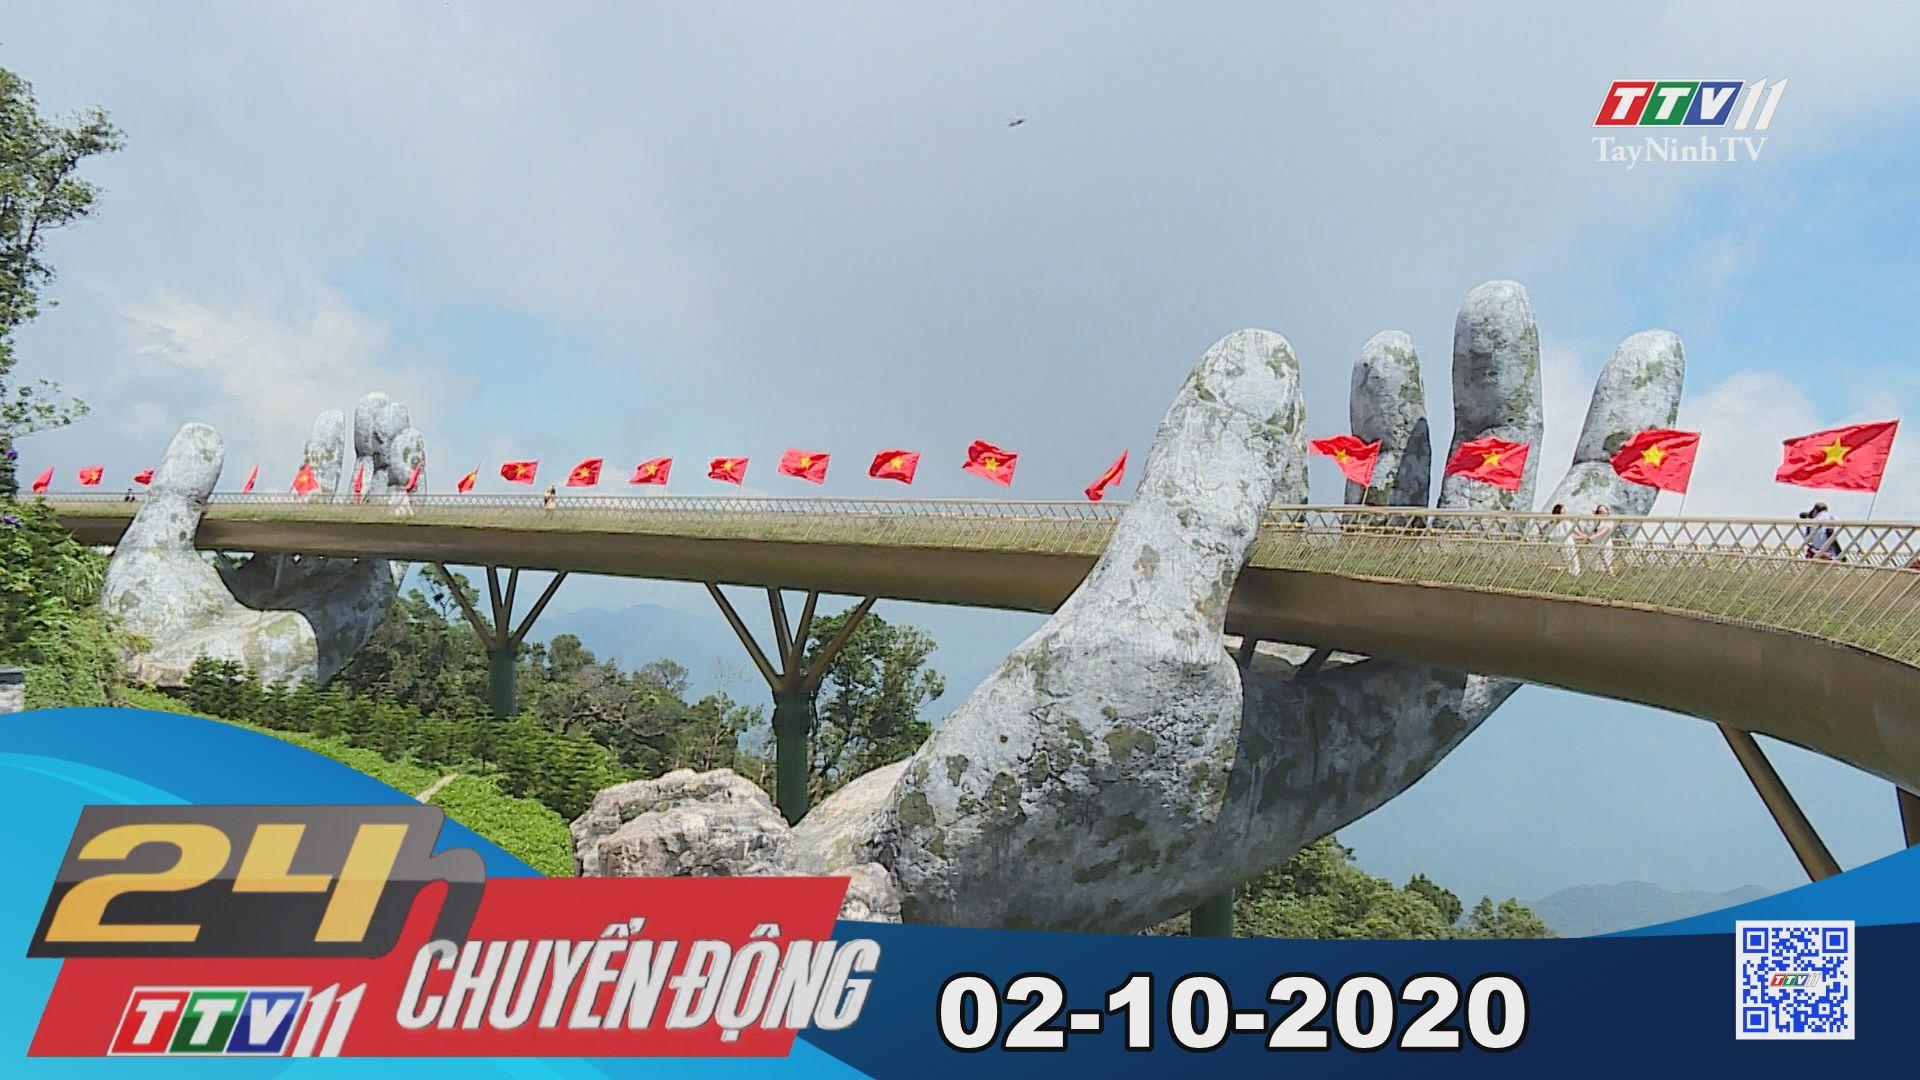 24h Chuyển động 02-10-2020 | Tin tức hôm nay | TayNinhTV